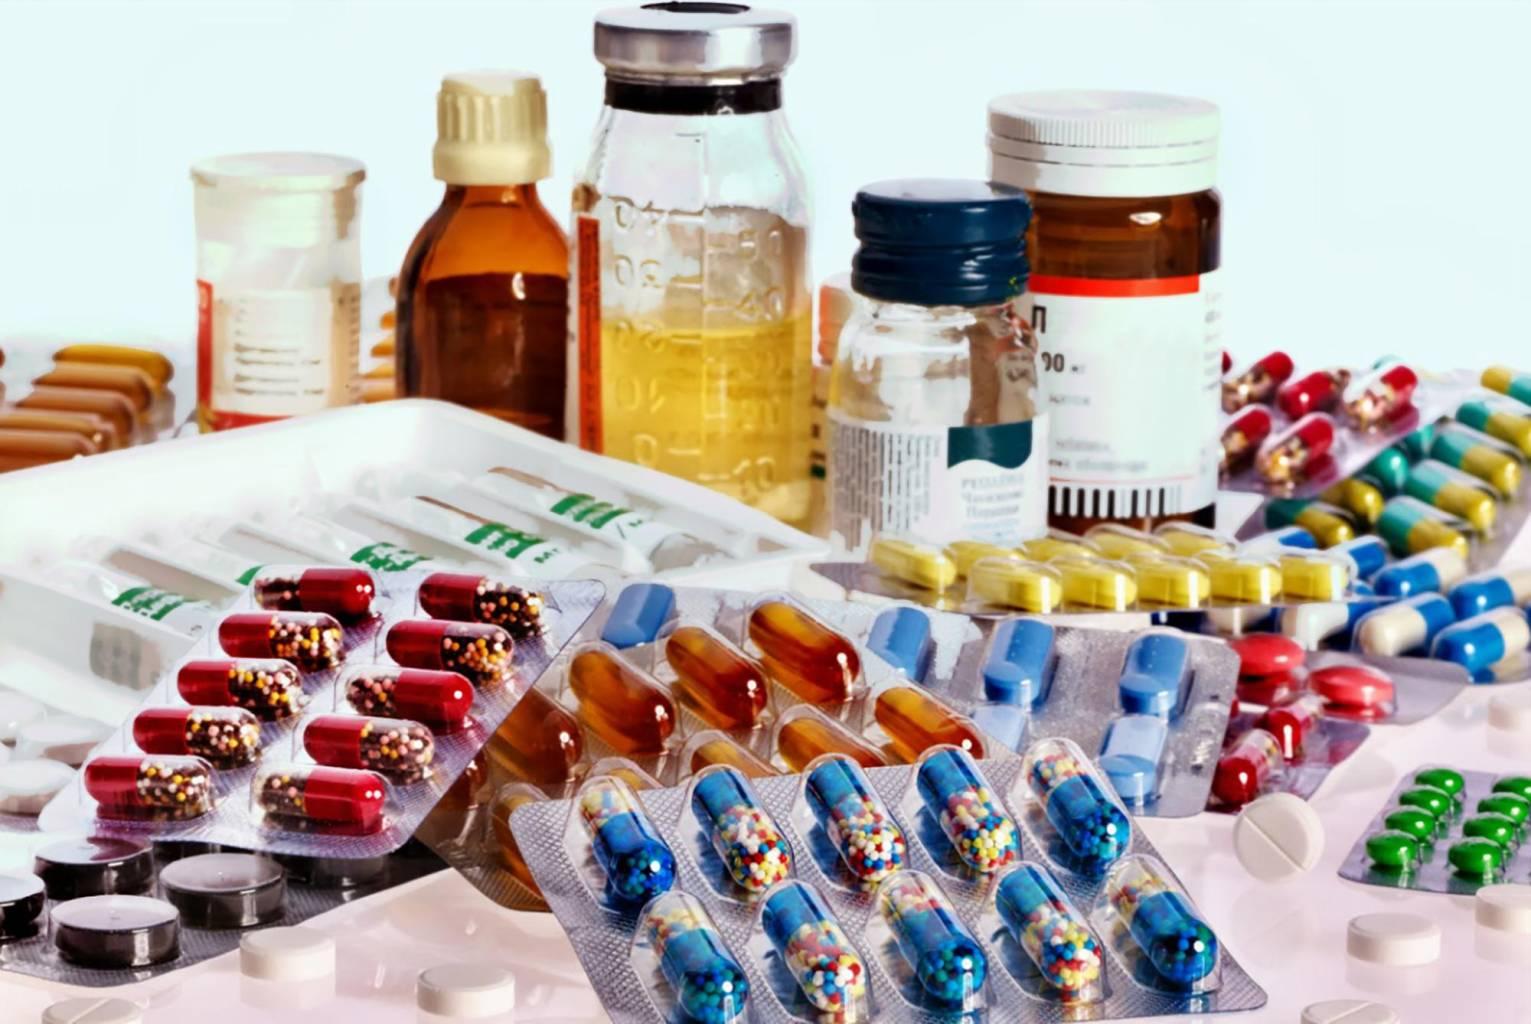 Industria farmacéutica presenta hoja de ruta necesaria en pro del fortalecimiento del sector